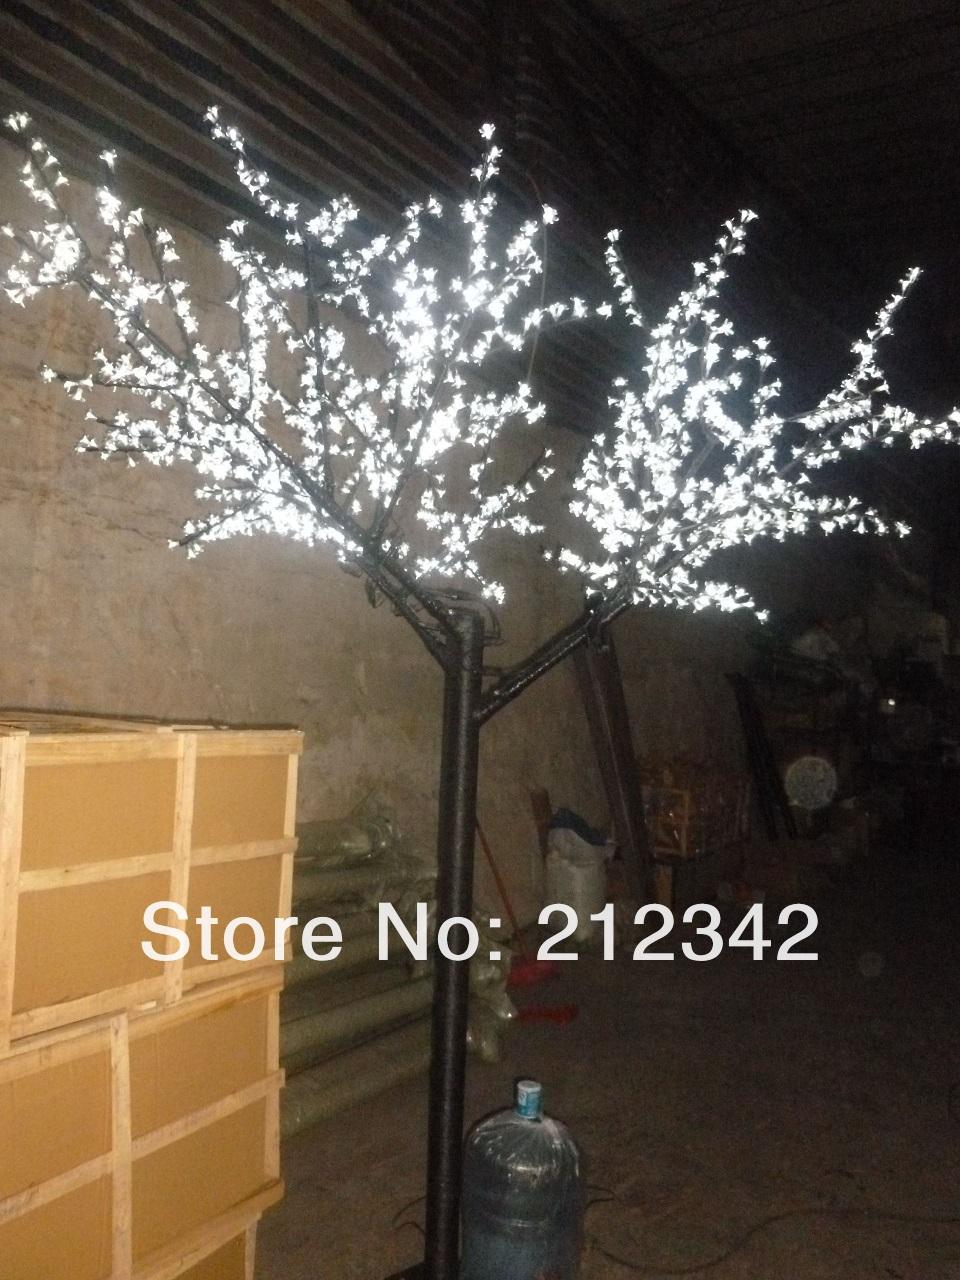 Ландшафтное освещение Starlight , 2 /6,5 ft STC-1000-2-W-1 ландшафтное освещение starlight 192pcs 0 8 ip65 stc 192 0 8 blue